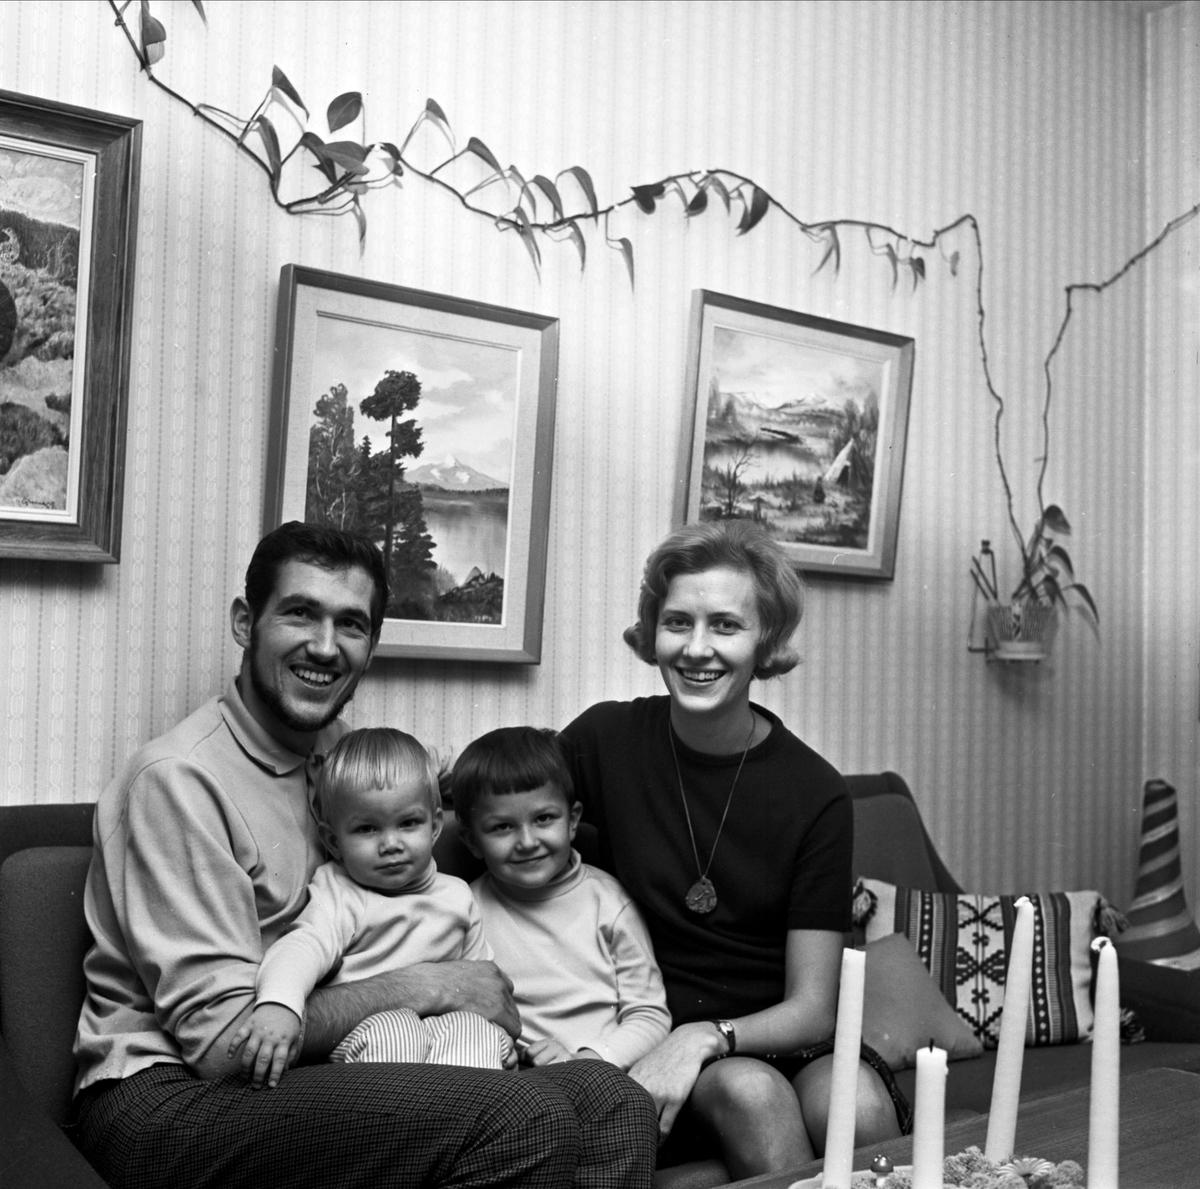 Orienteraren Thord Lind, hans hustru Gunbritt och barnen Peter och Niklas i hemmet